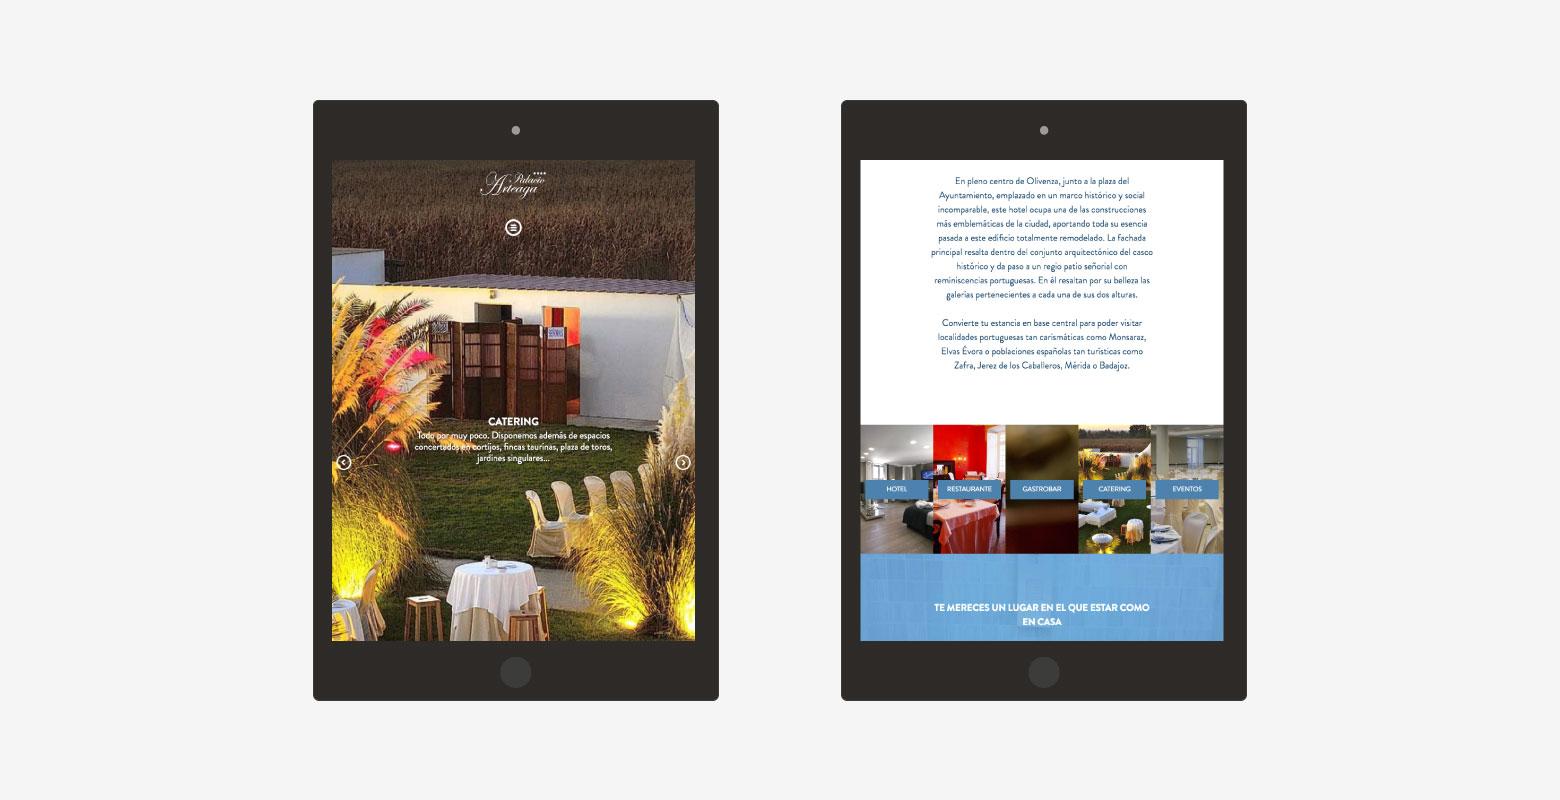 Diseño web y diseño gráfico para hotel de 4 estrellas - Diseño web ...